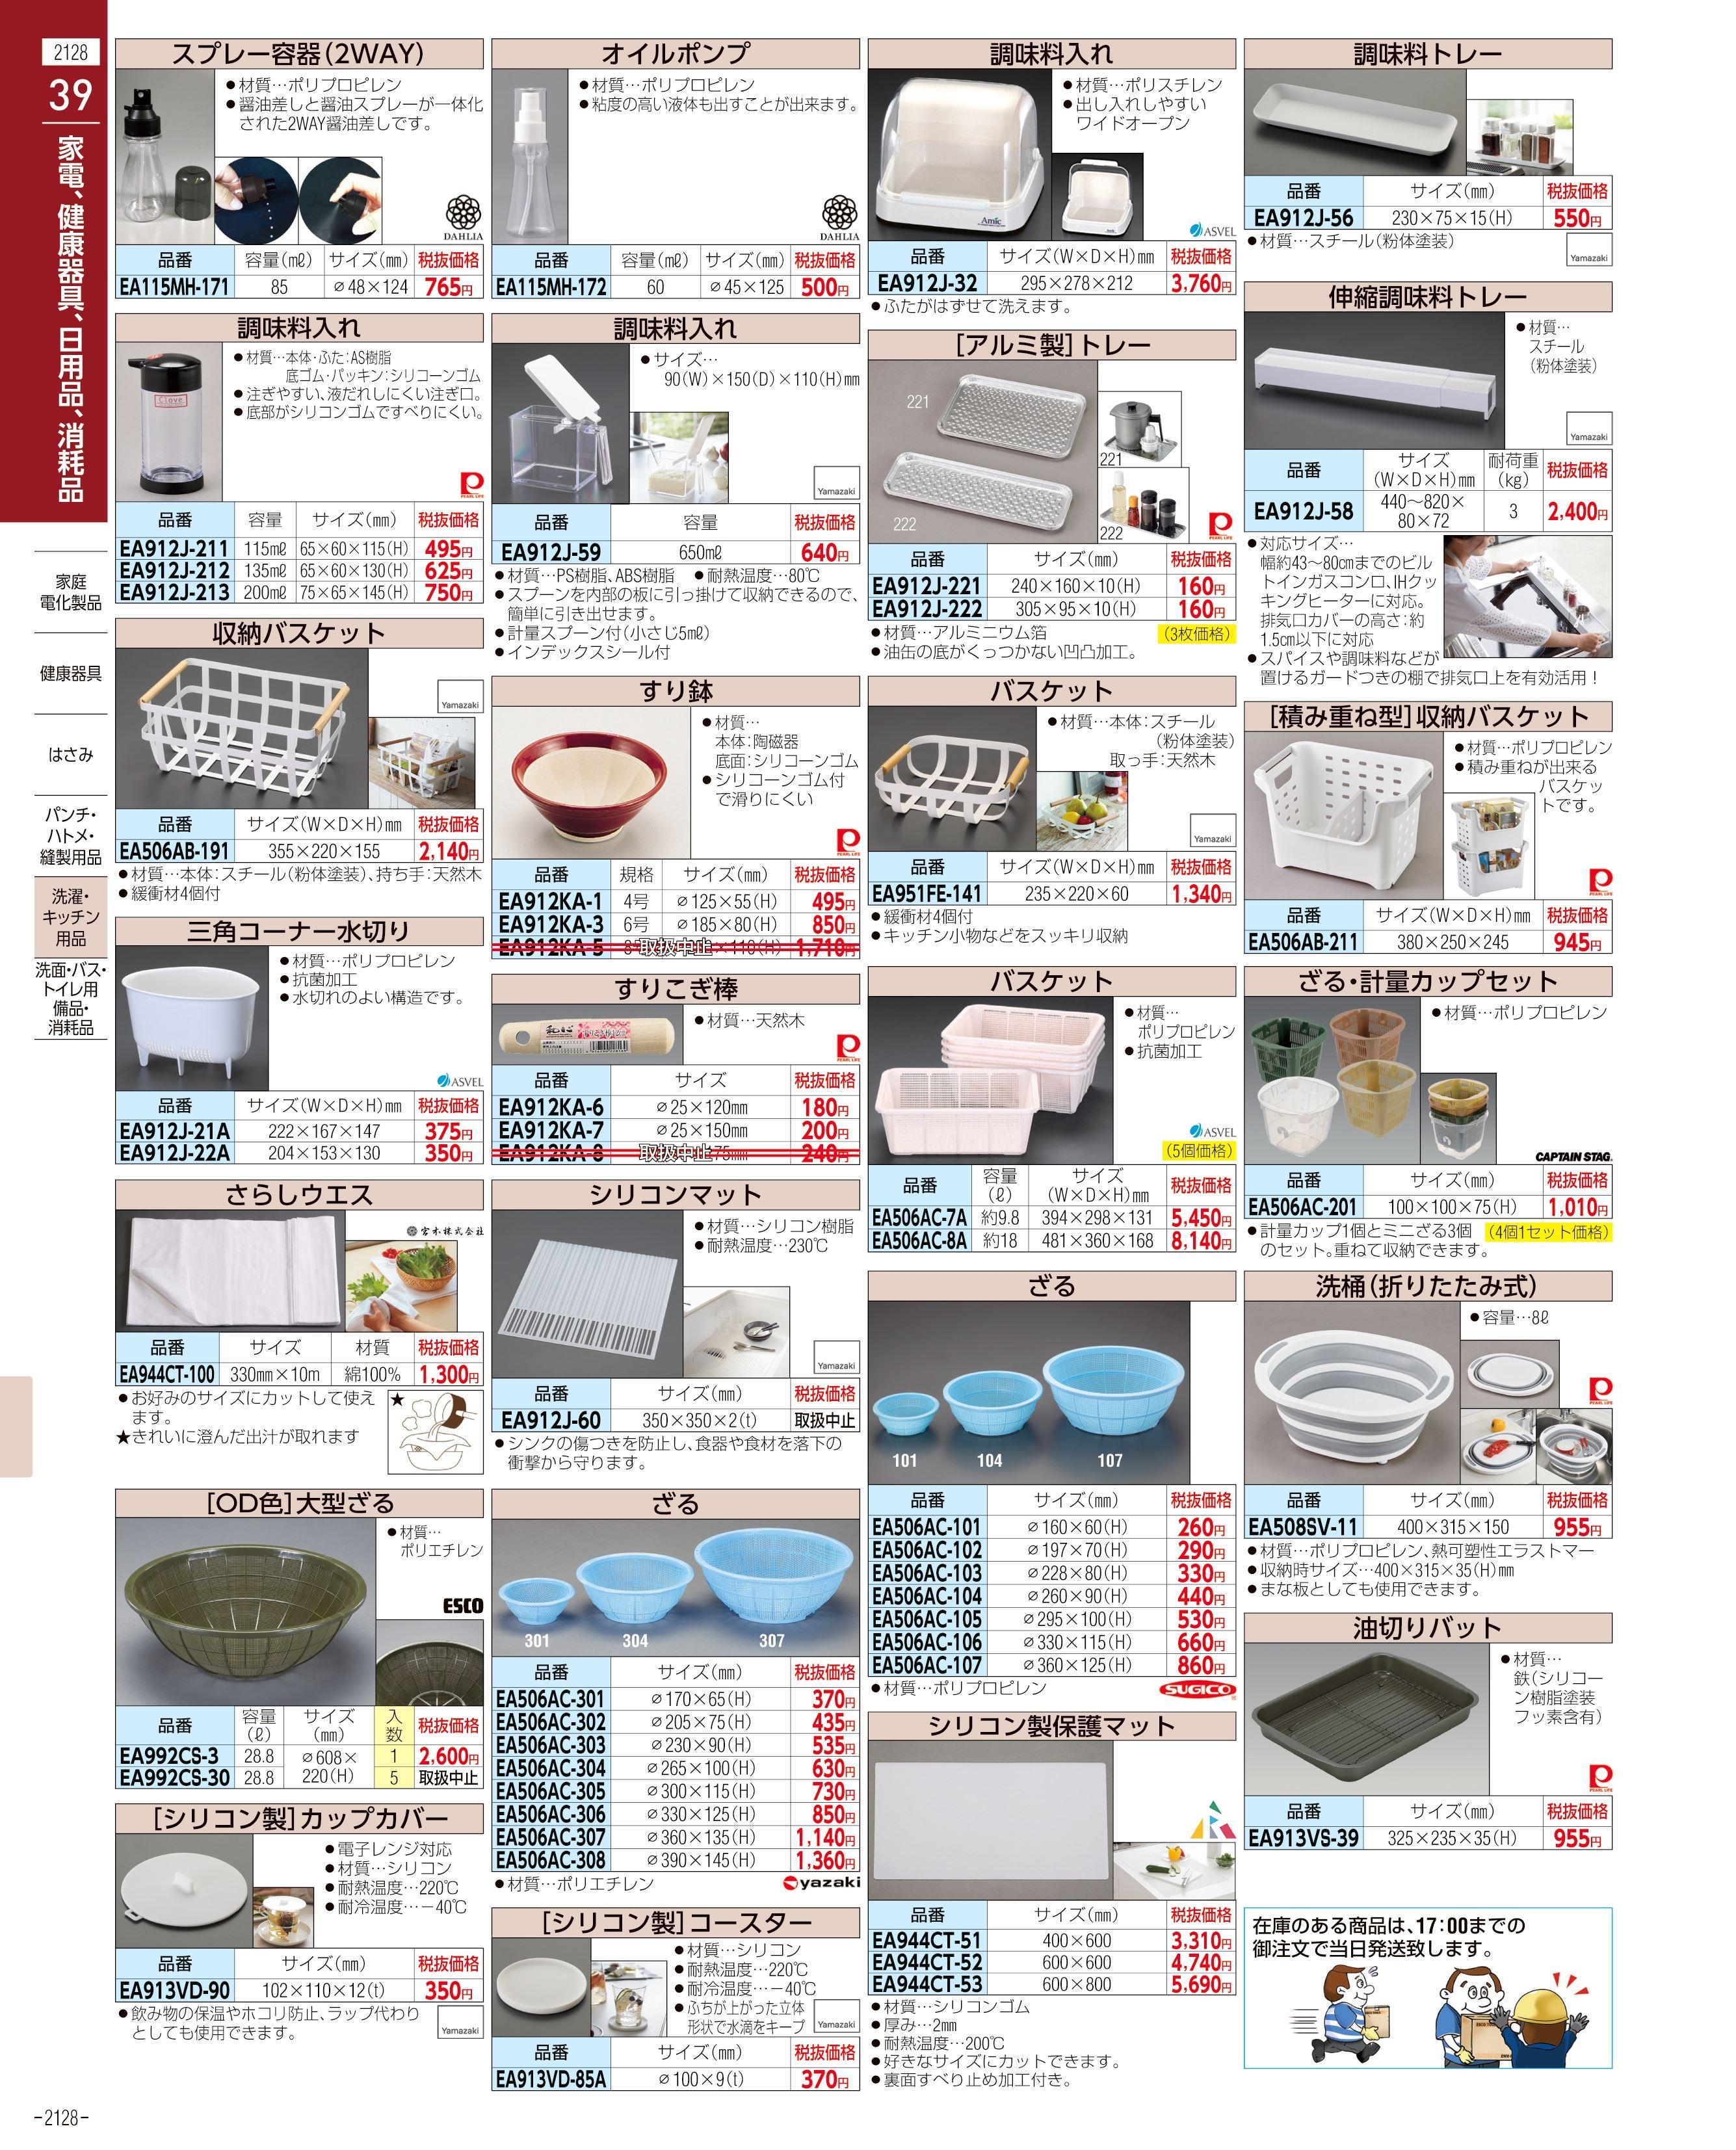 エスコ便利カタログ2128ページ